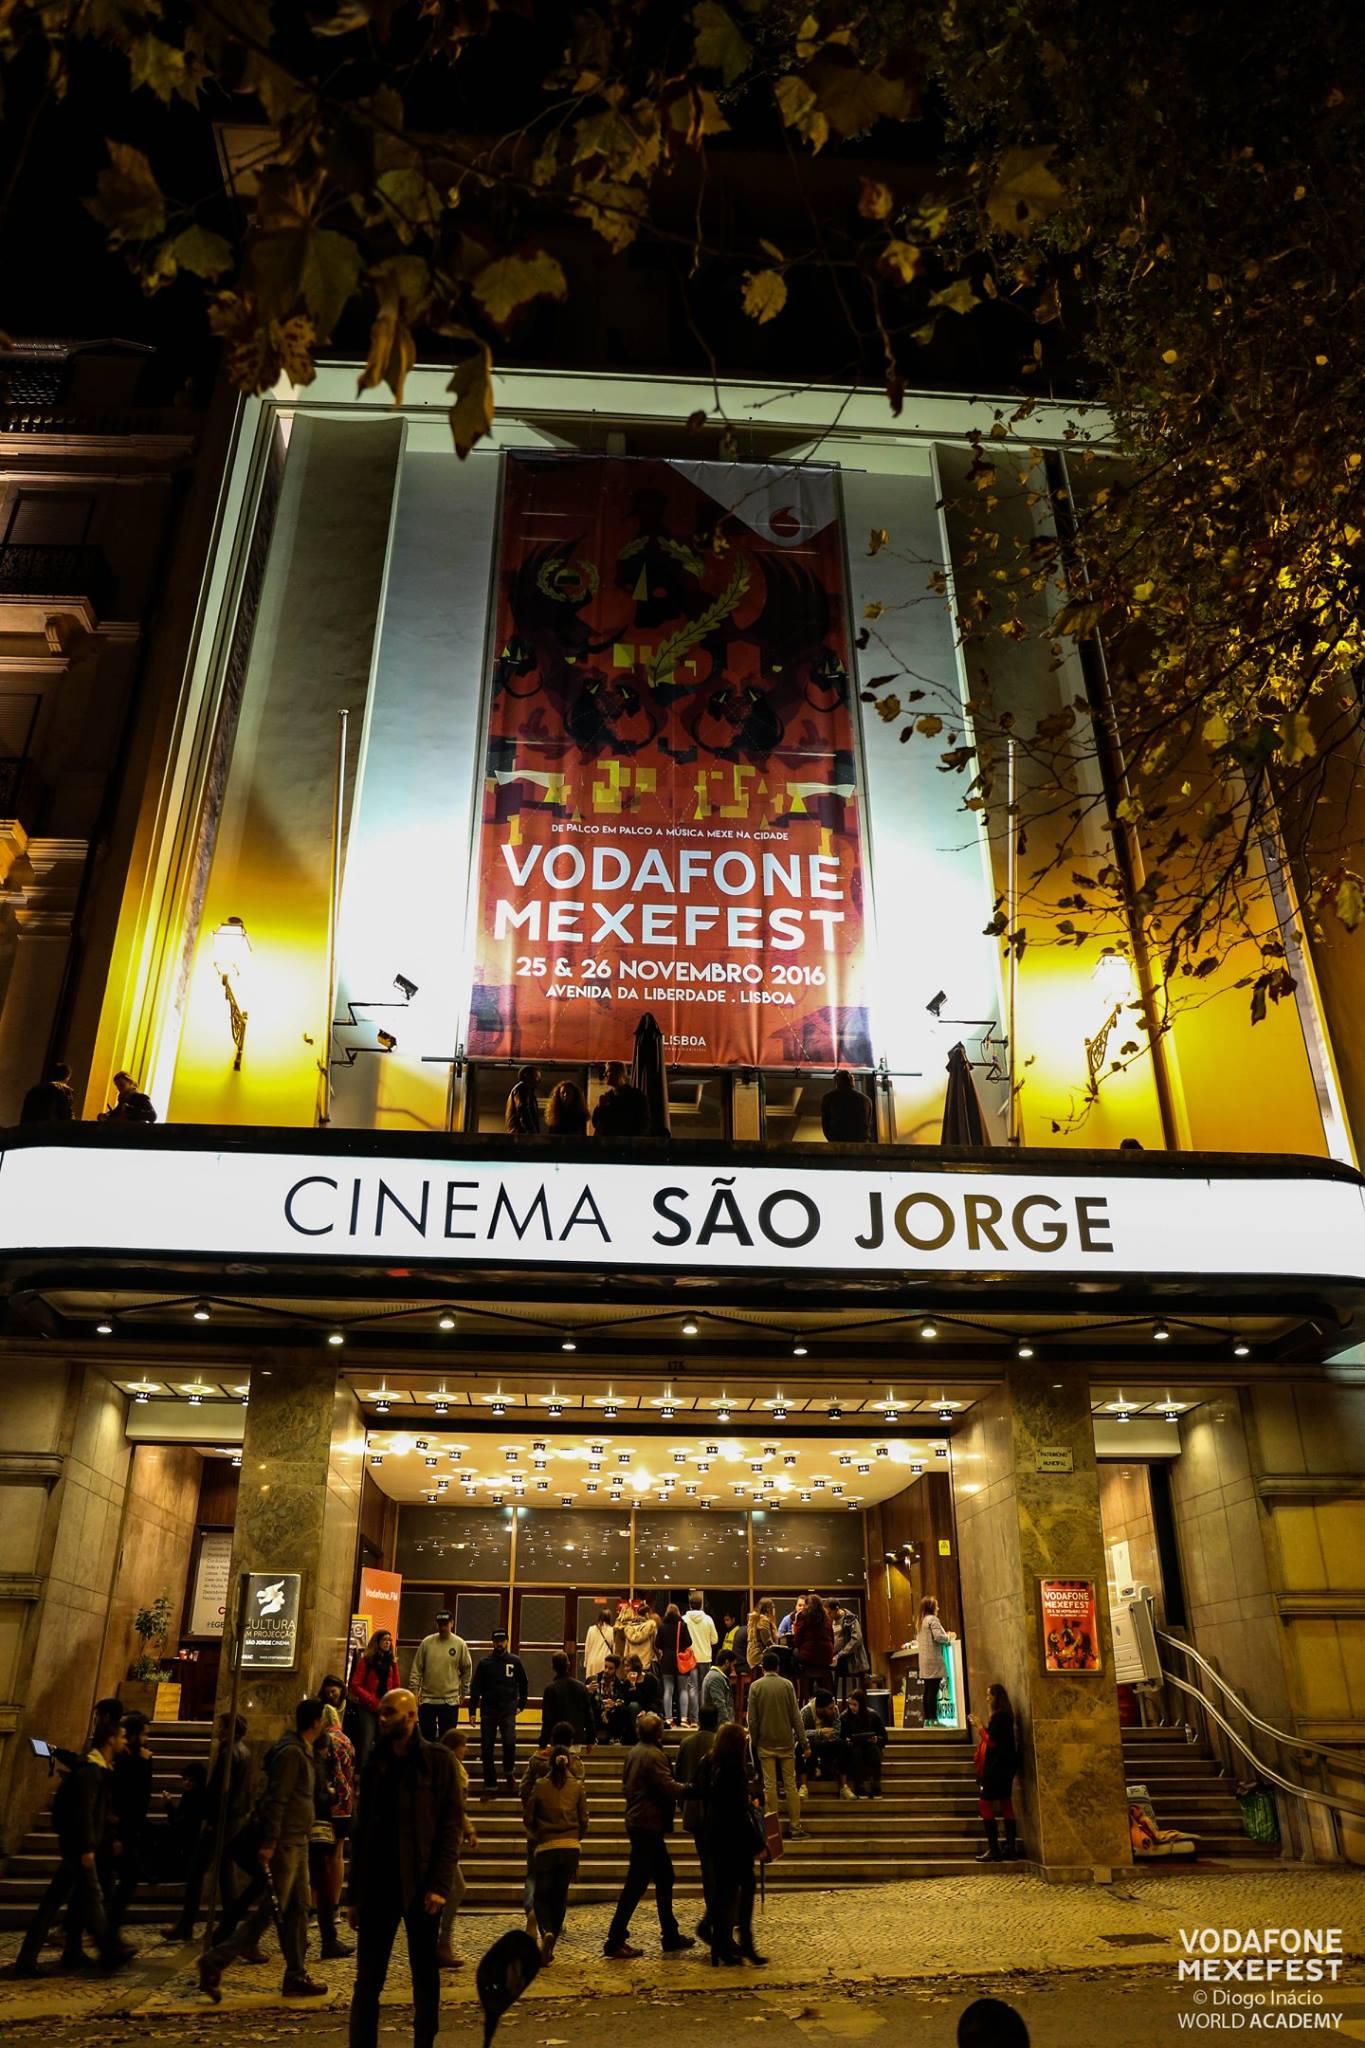 O Cinema São Jorge no festival do ano passado